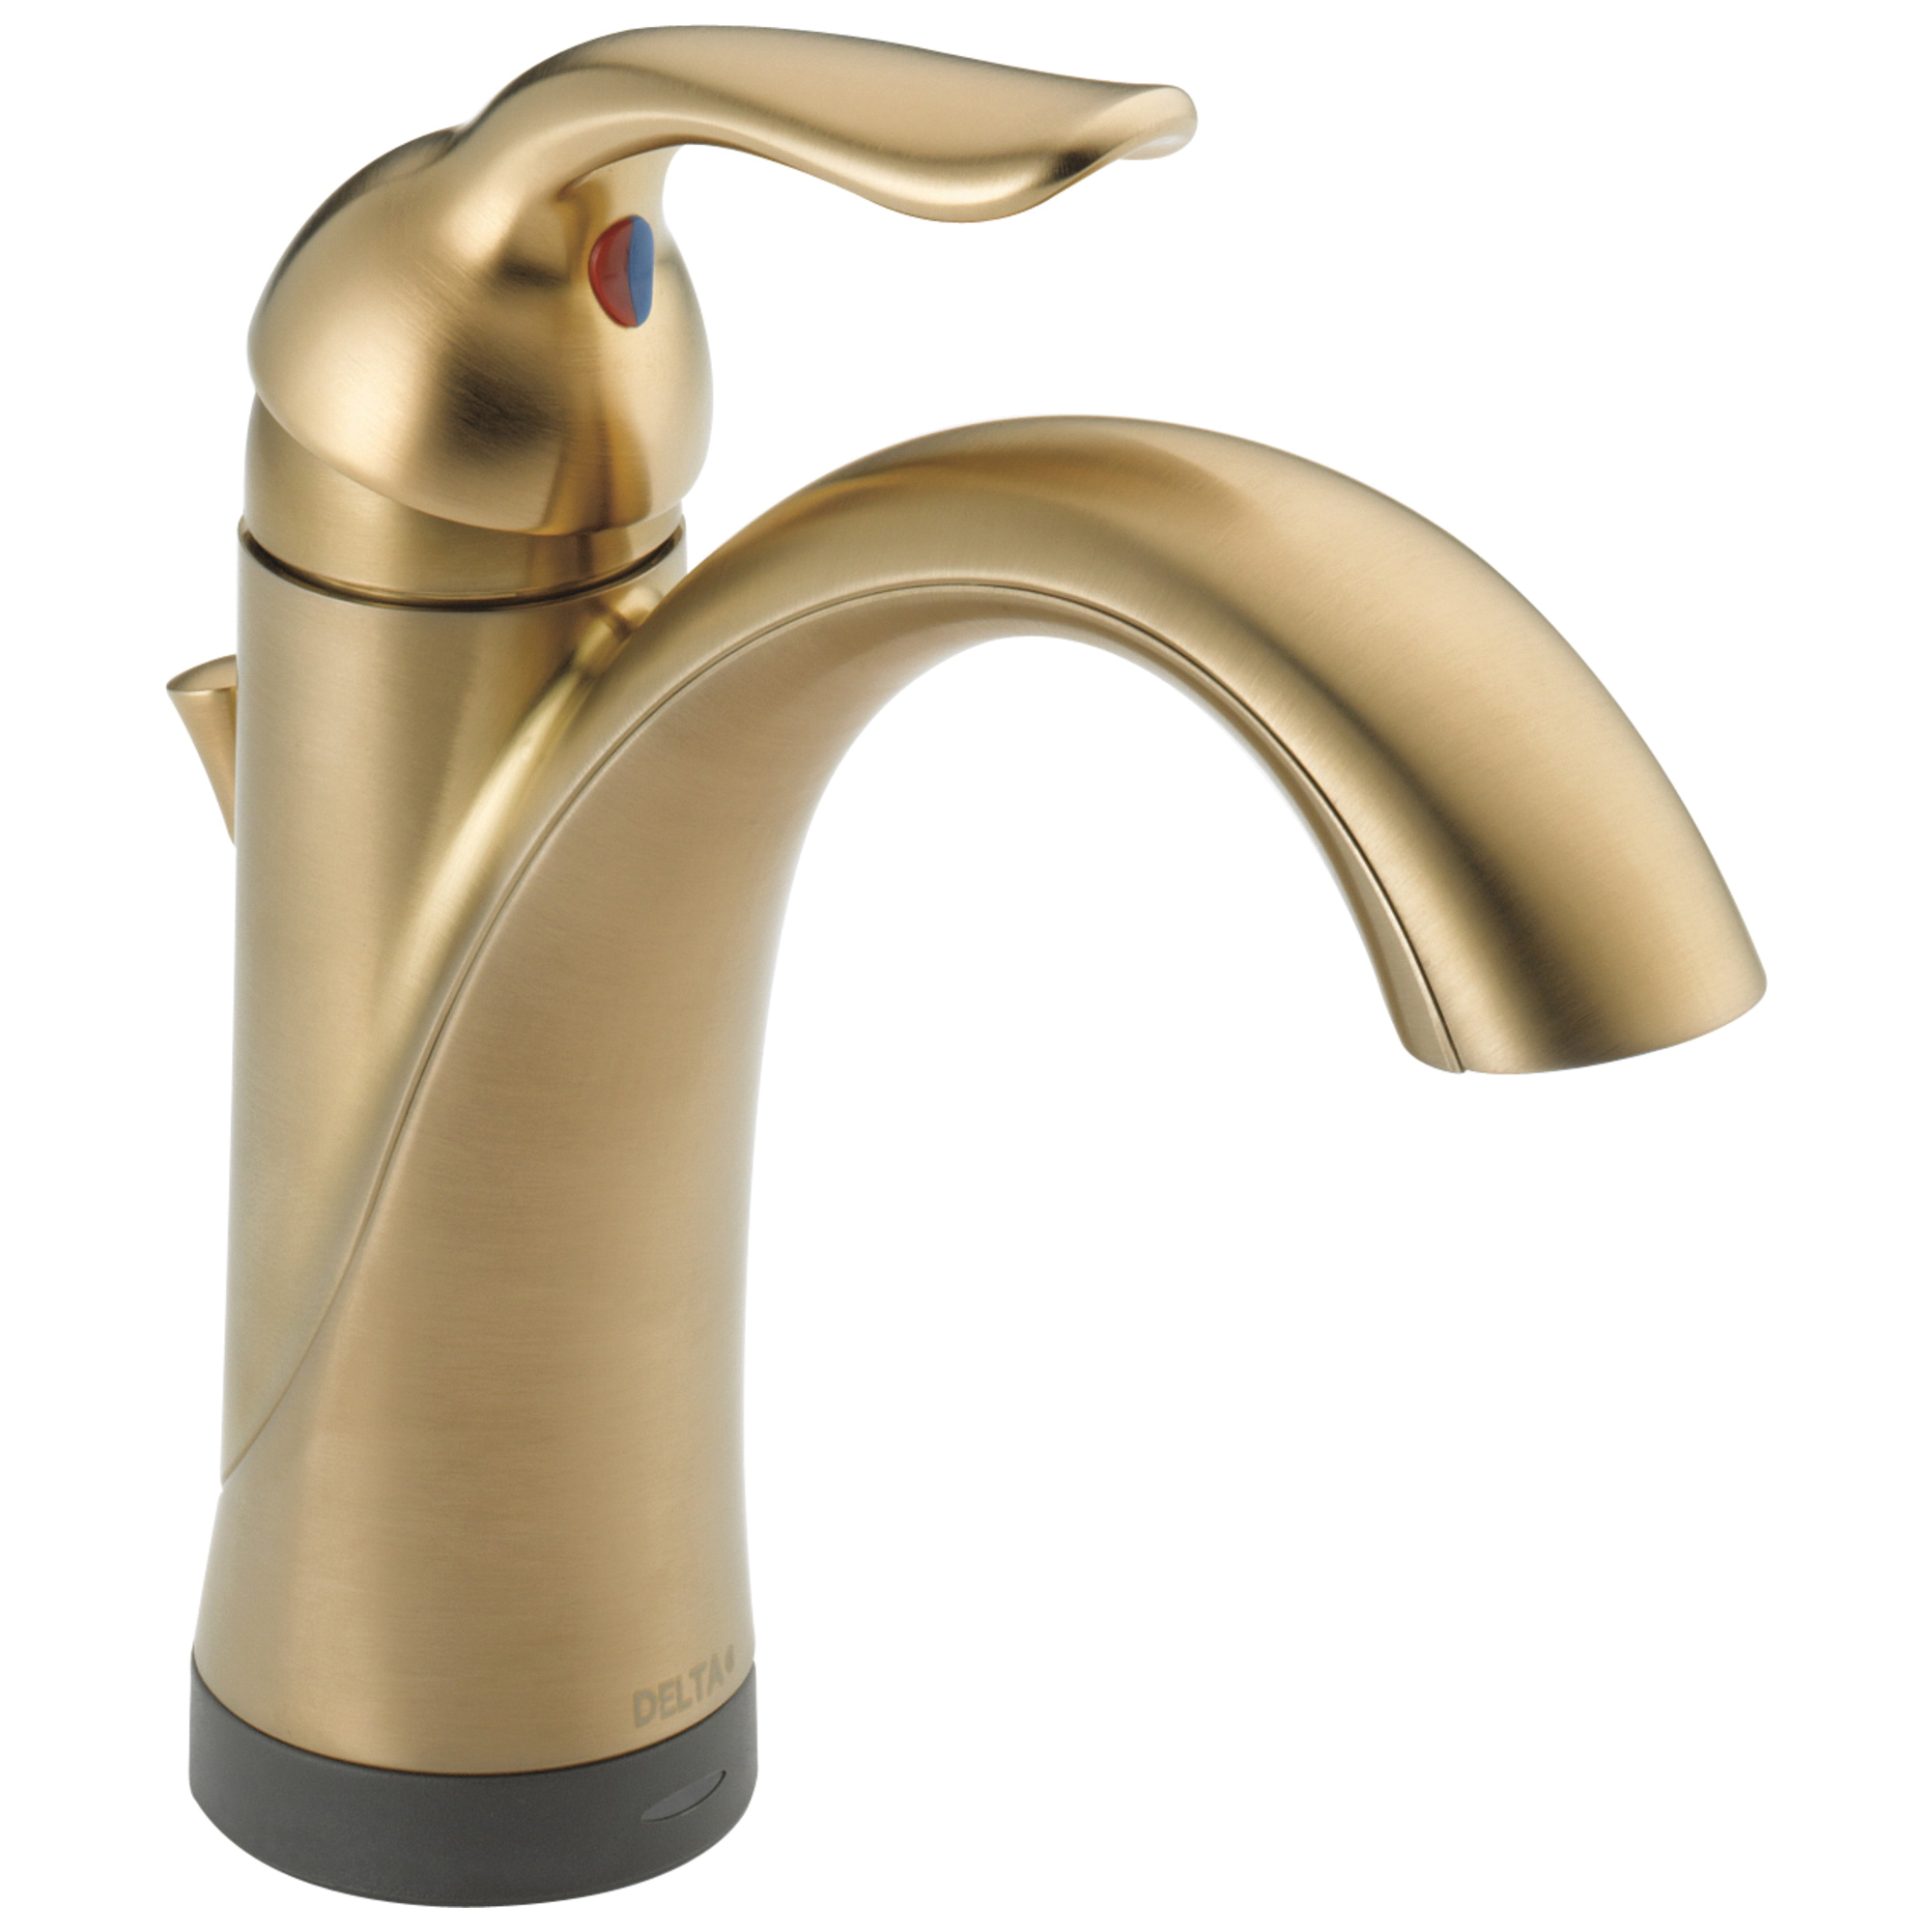 DELTA® 538T-CZ-DST Centerset Lavatory Faucet, Lahara®, Brilliance® Champagne Bronze, 1 Handles, Plastic Pop-Up Drain, 1.2 gpm